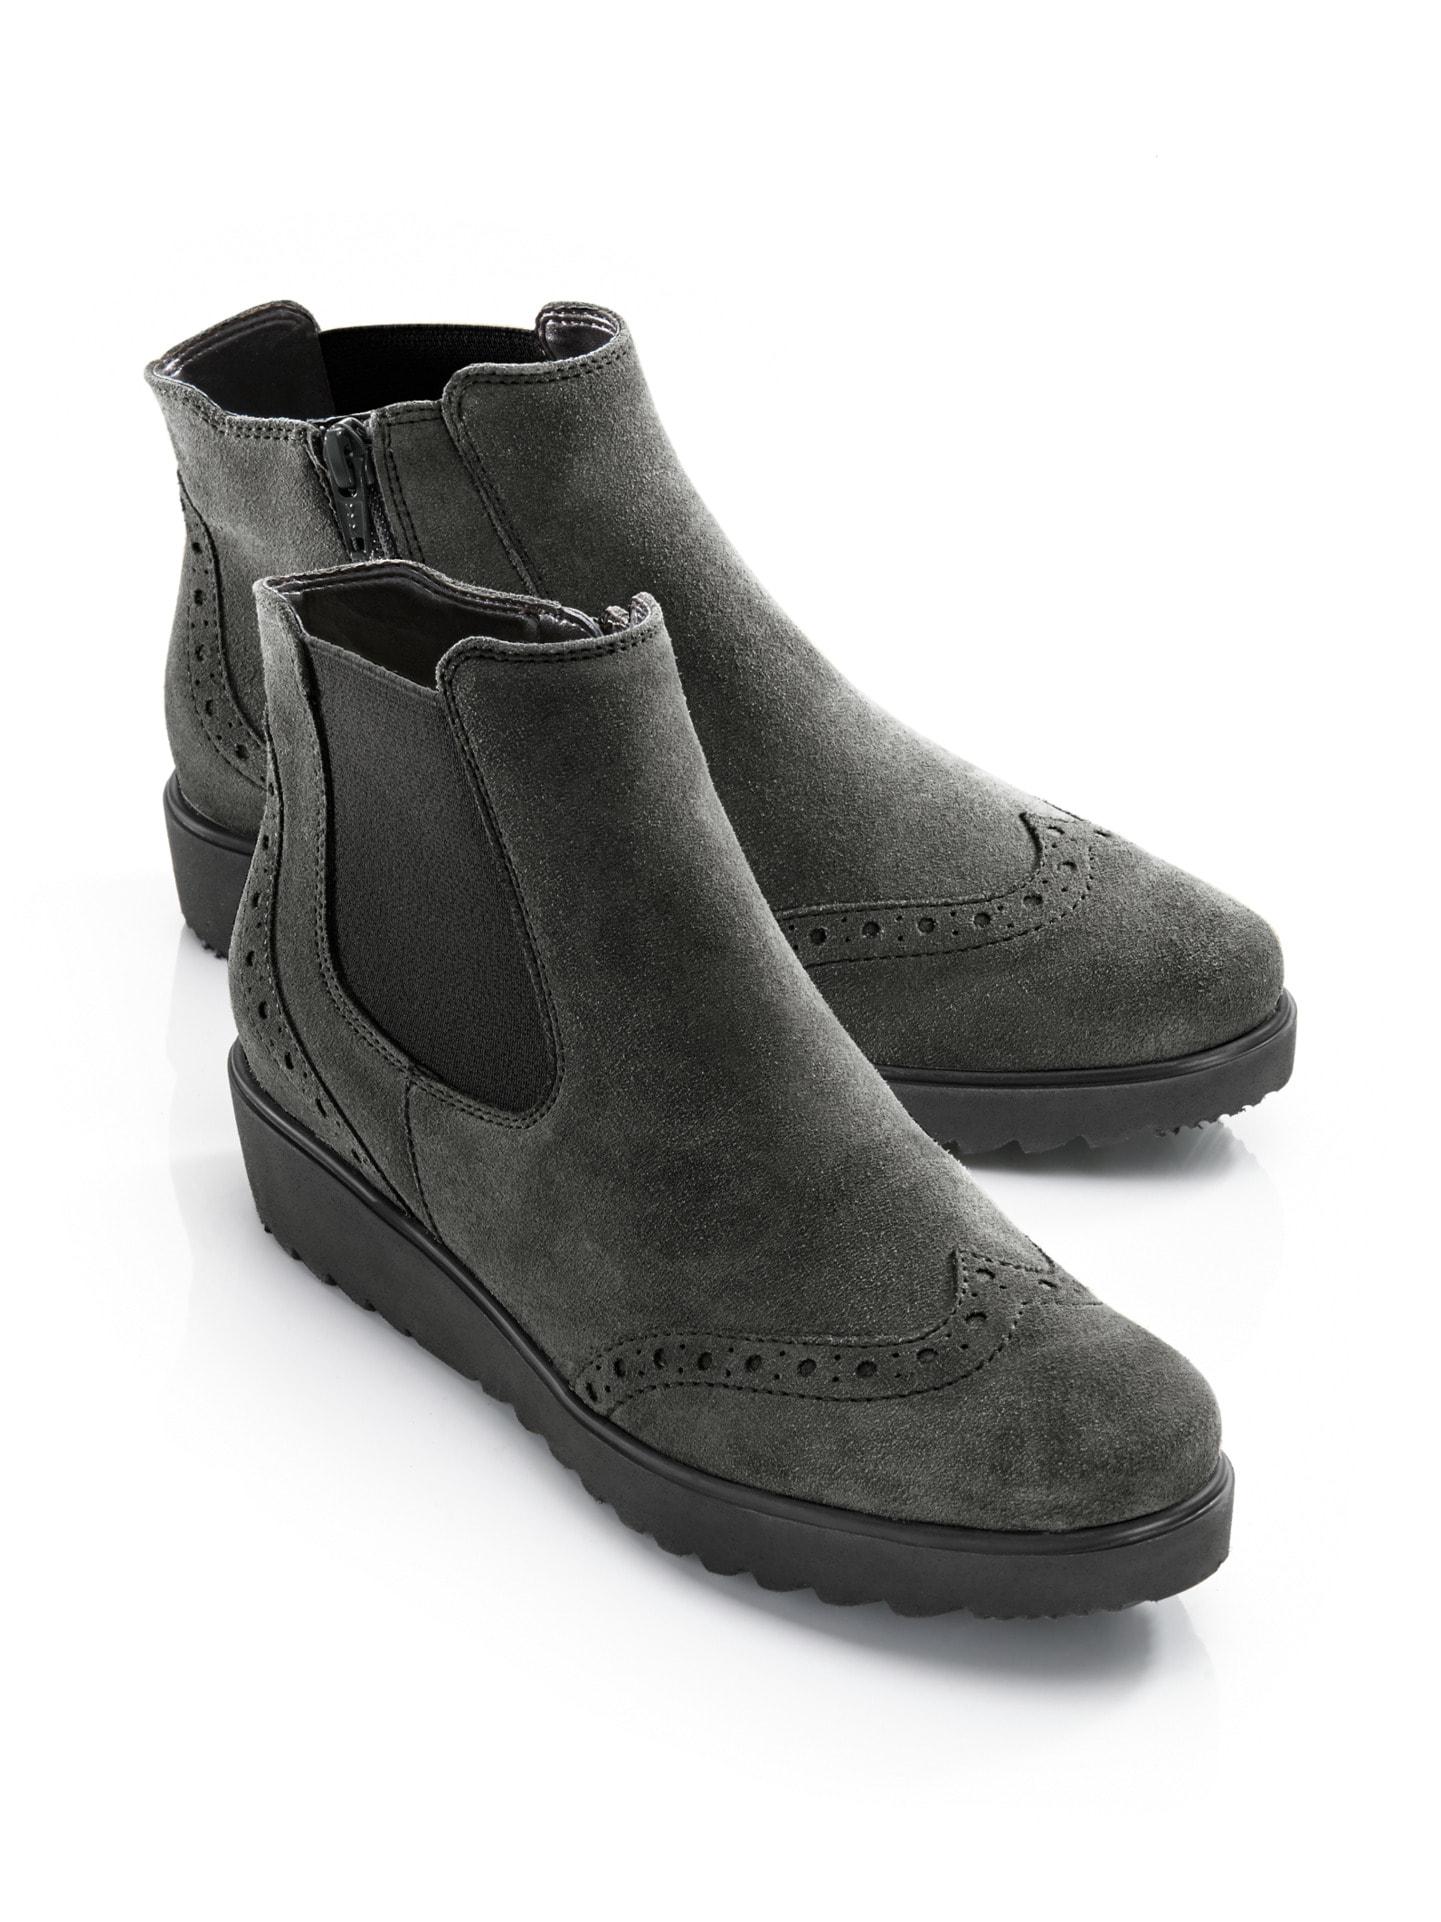 Avena Damen Soft-Stiefelette Select Lammvelours Grau 8Yj50x